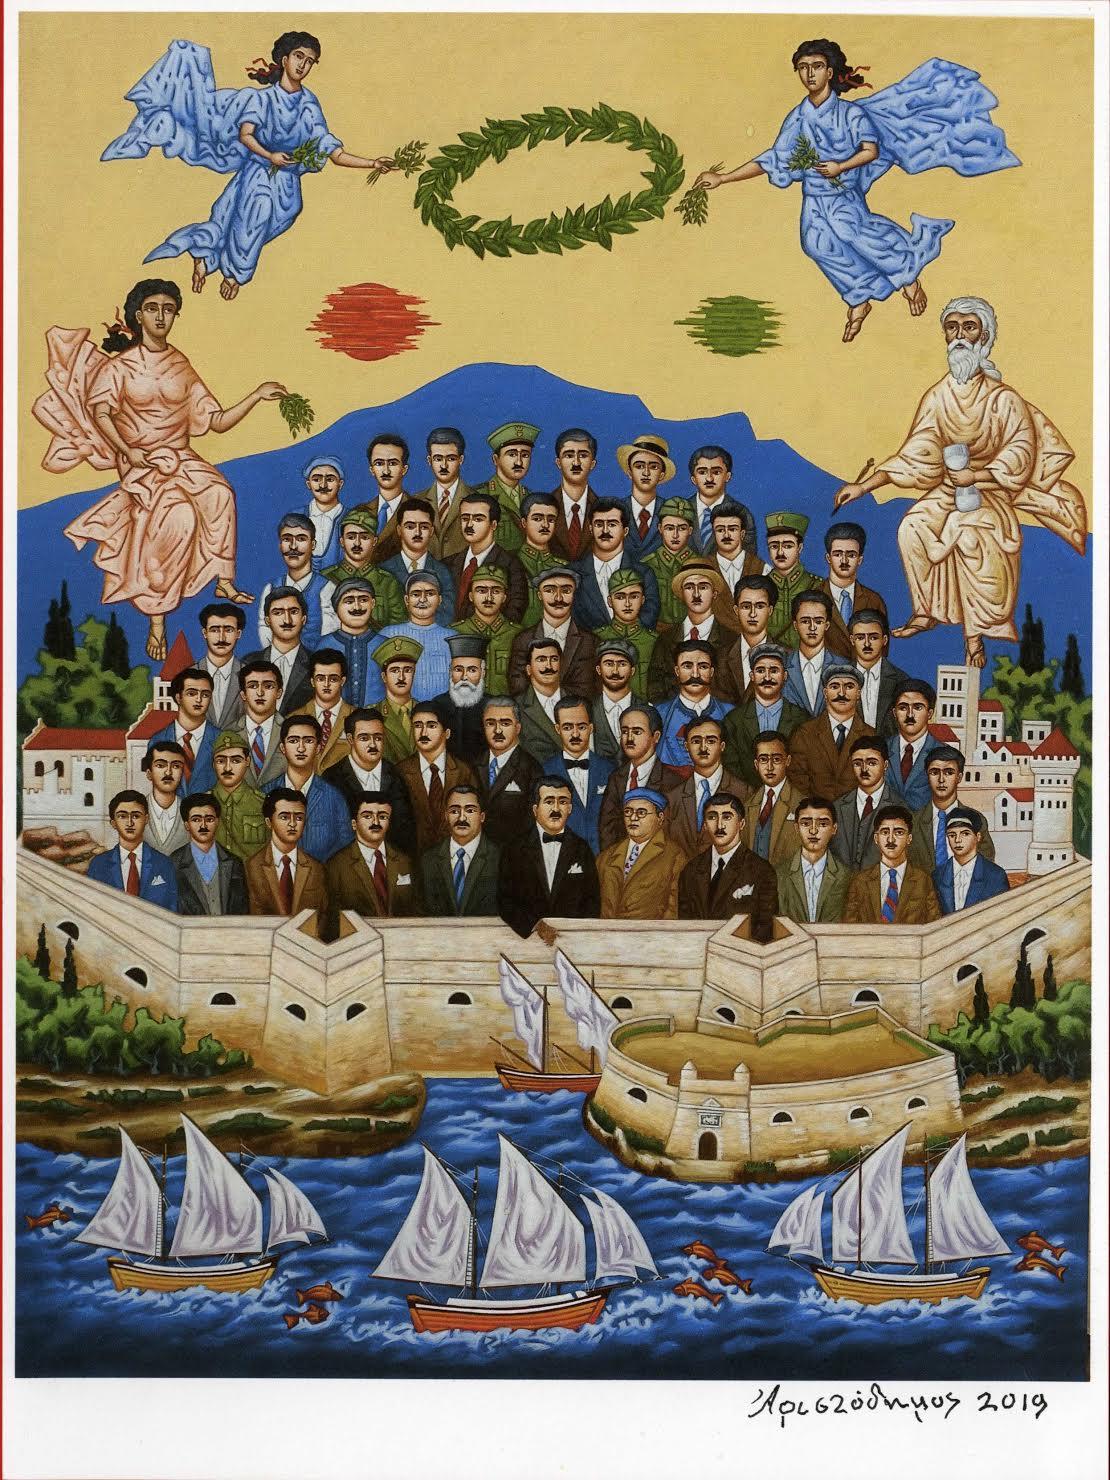 0-33 Ο περίφημος πίνακας του Αριστόδημου